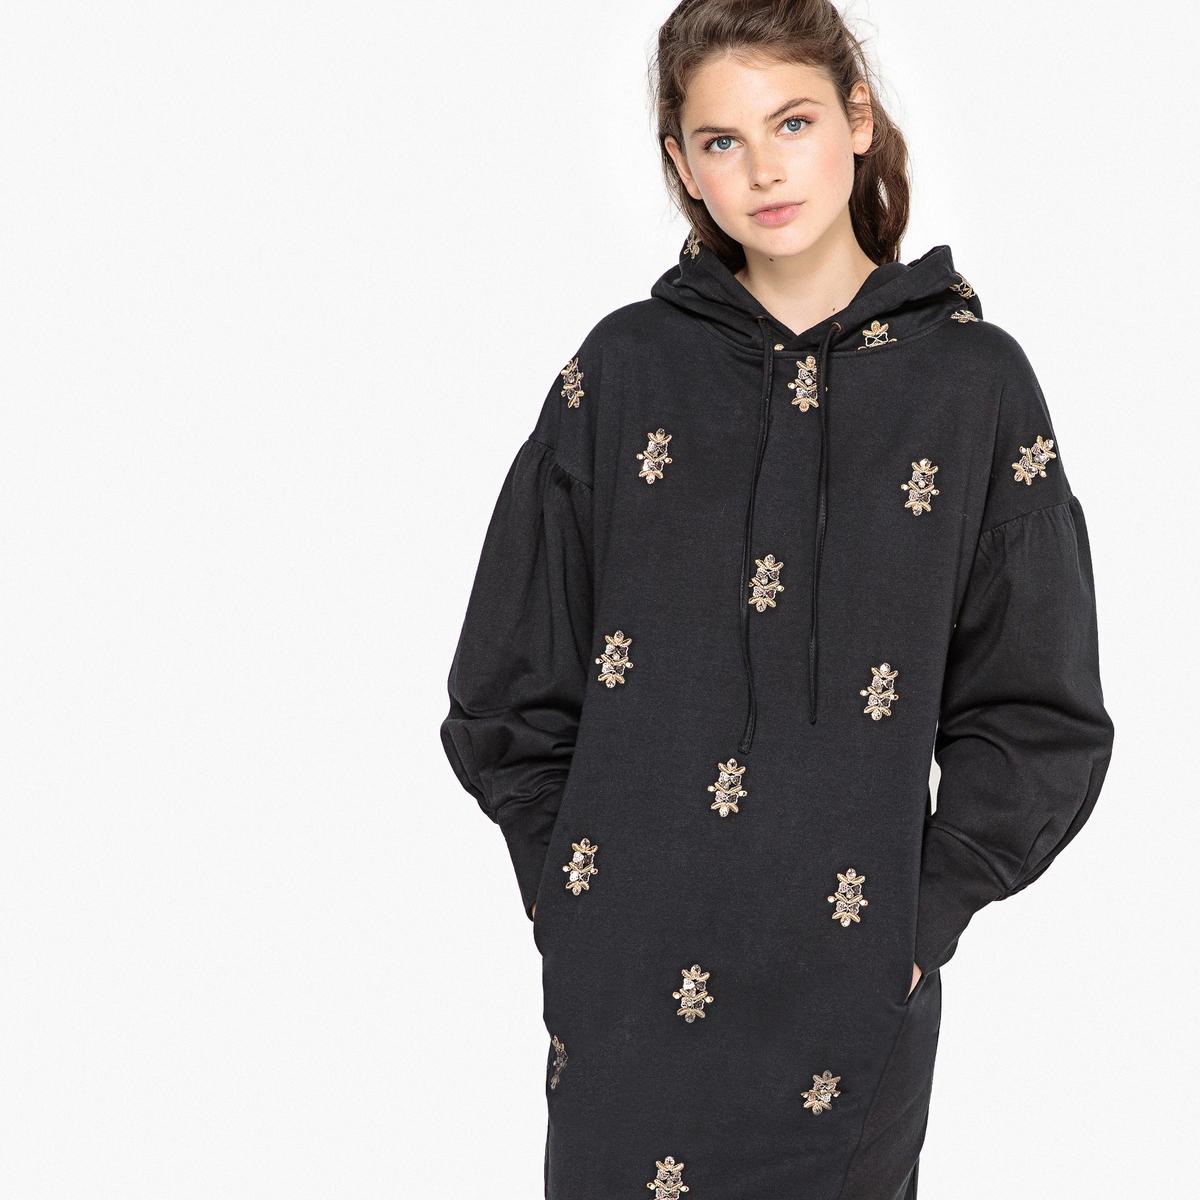 Платье-свитшот La Redoute С капюшоном и вышивкой 34 (FR) - 40 (RUS) черный платье la redoute радужное estelle 36 fr 42 rus черный